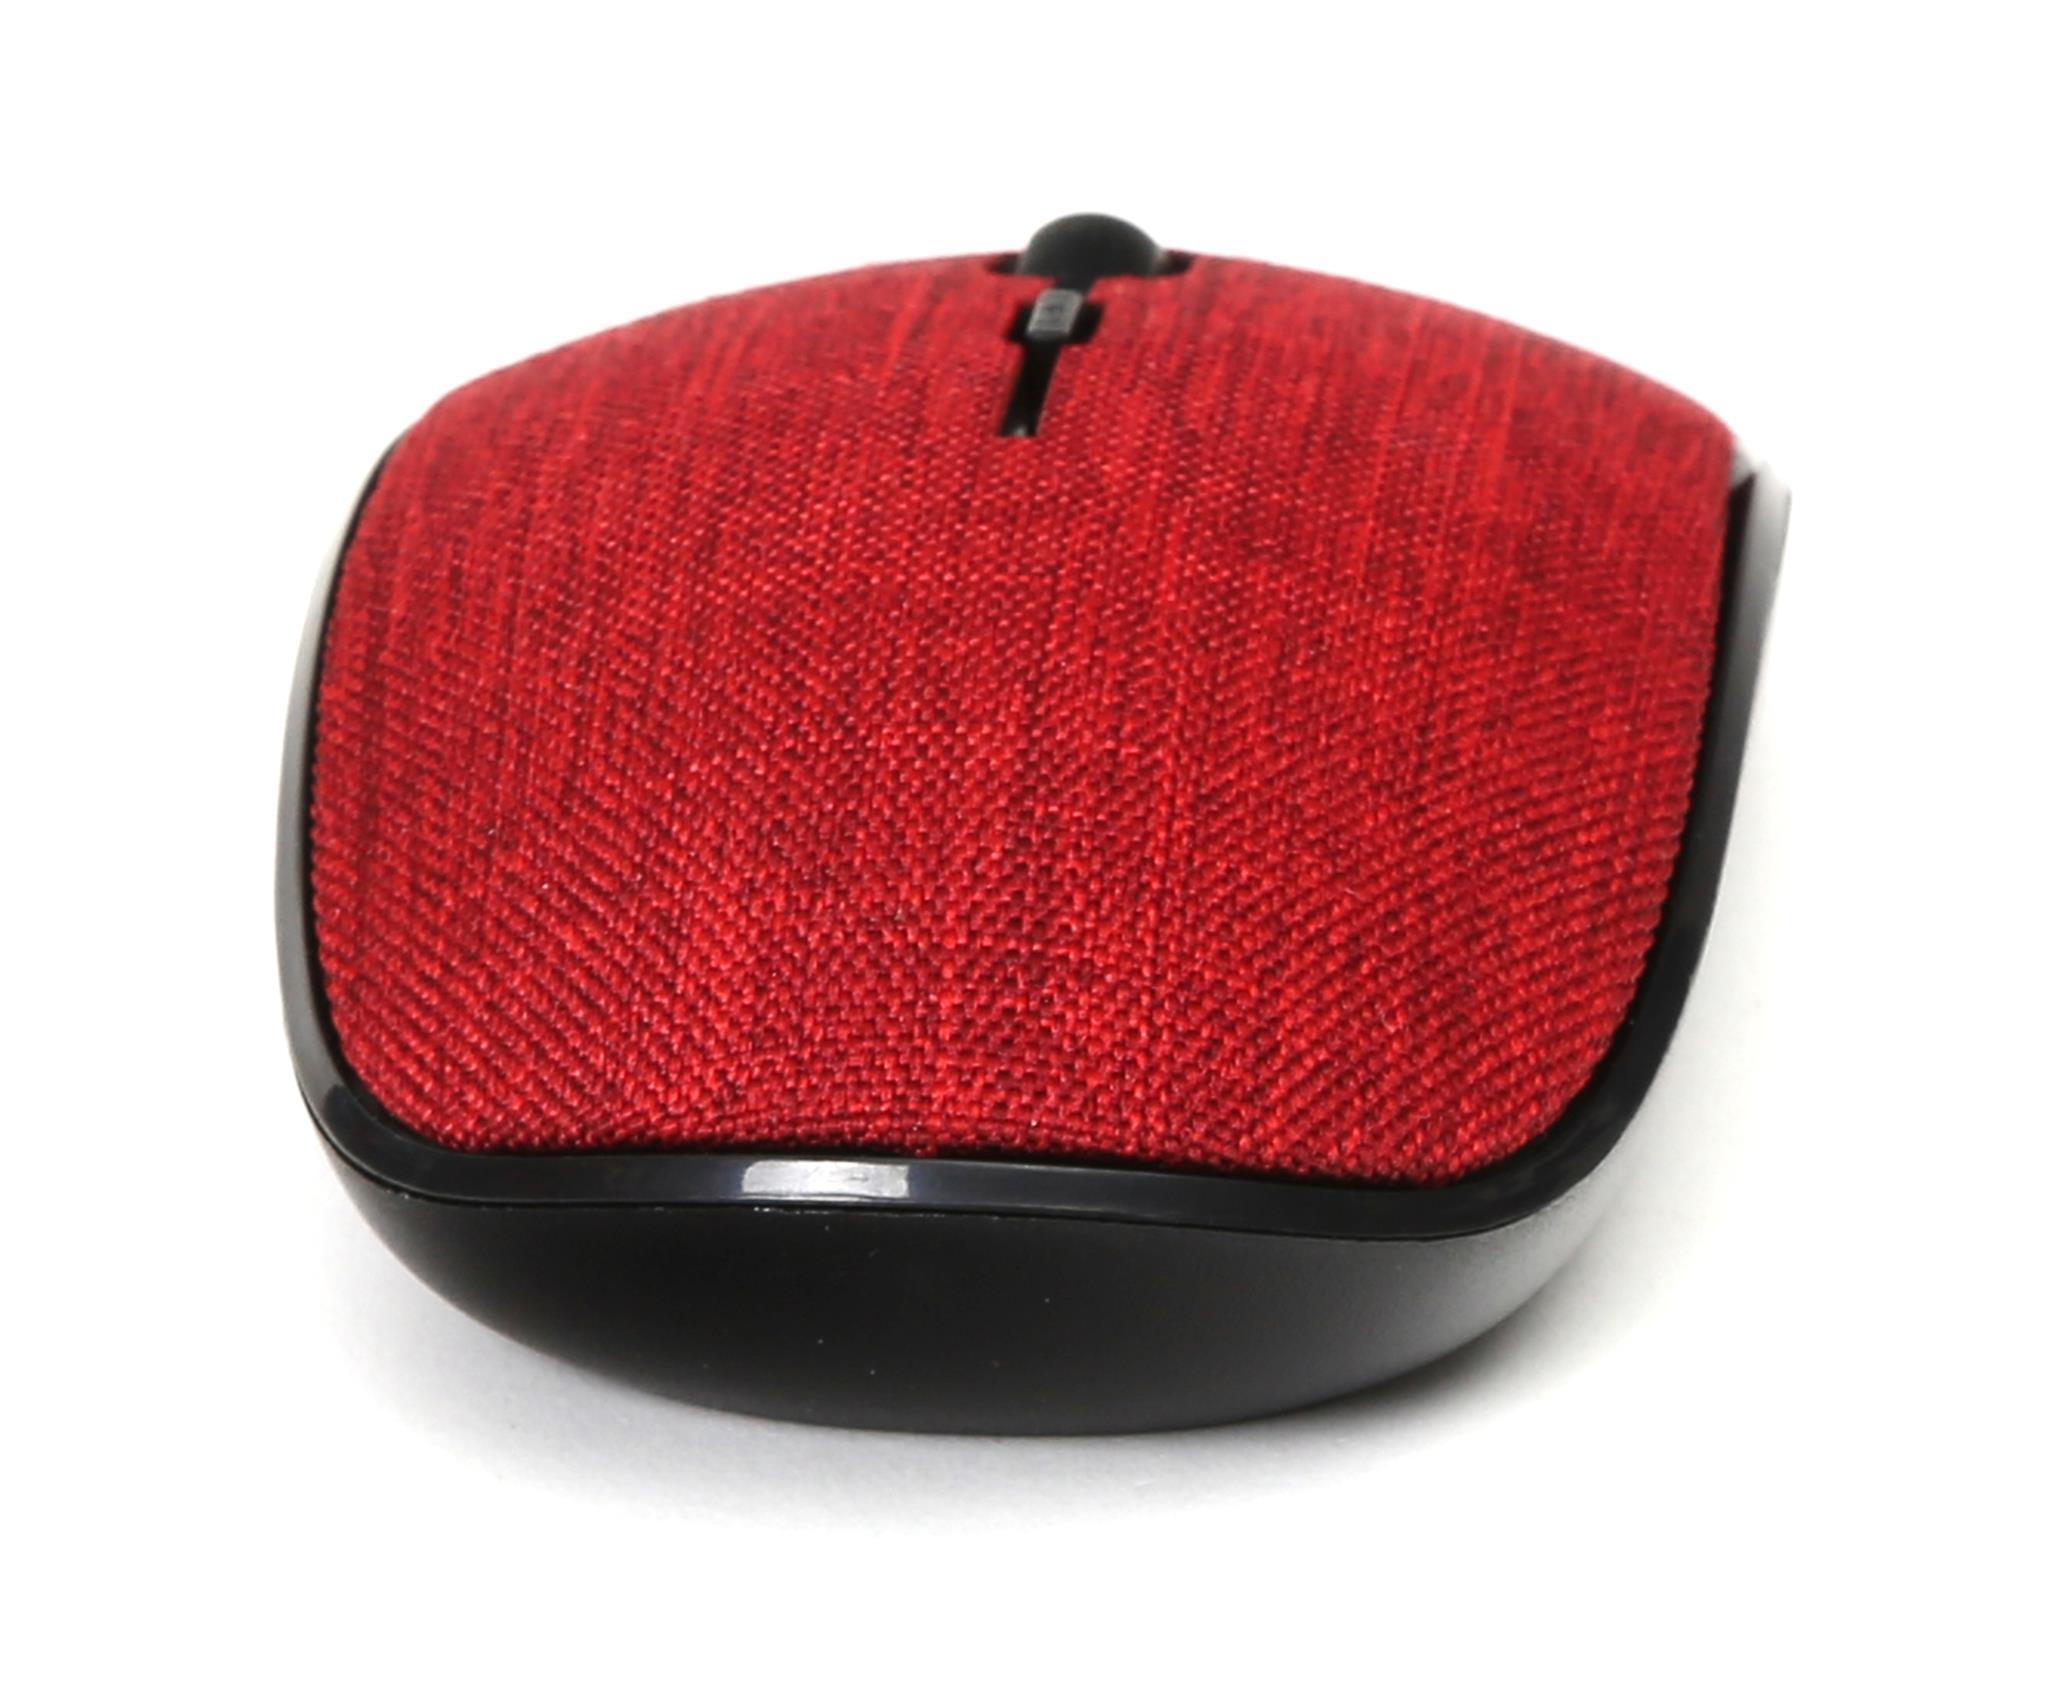 Omega wireless muis met rode stoffen bekleding, 2.4 GHz receiver, 1000/1200/1600DPI instelbaar